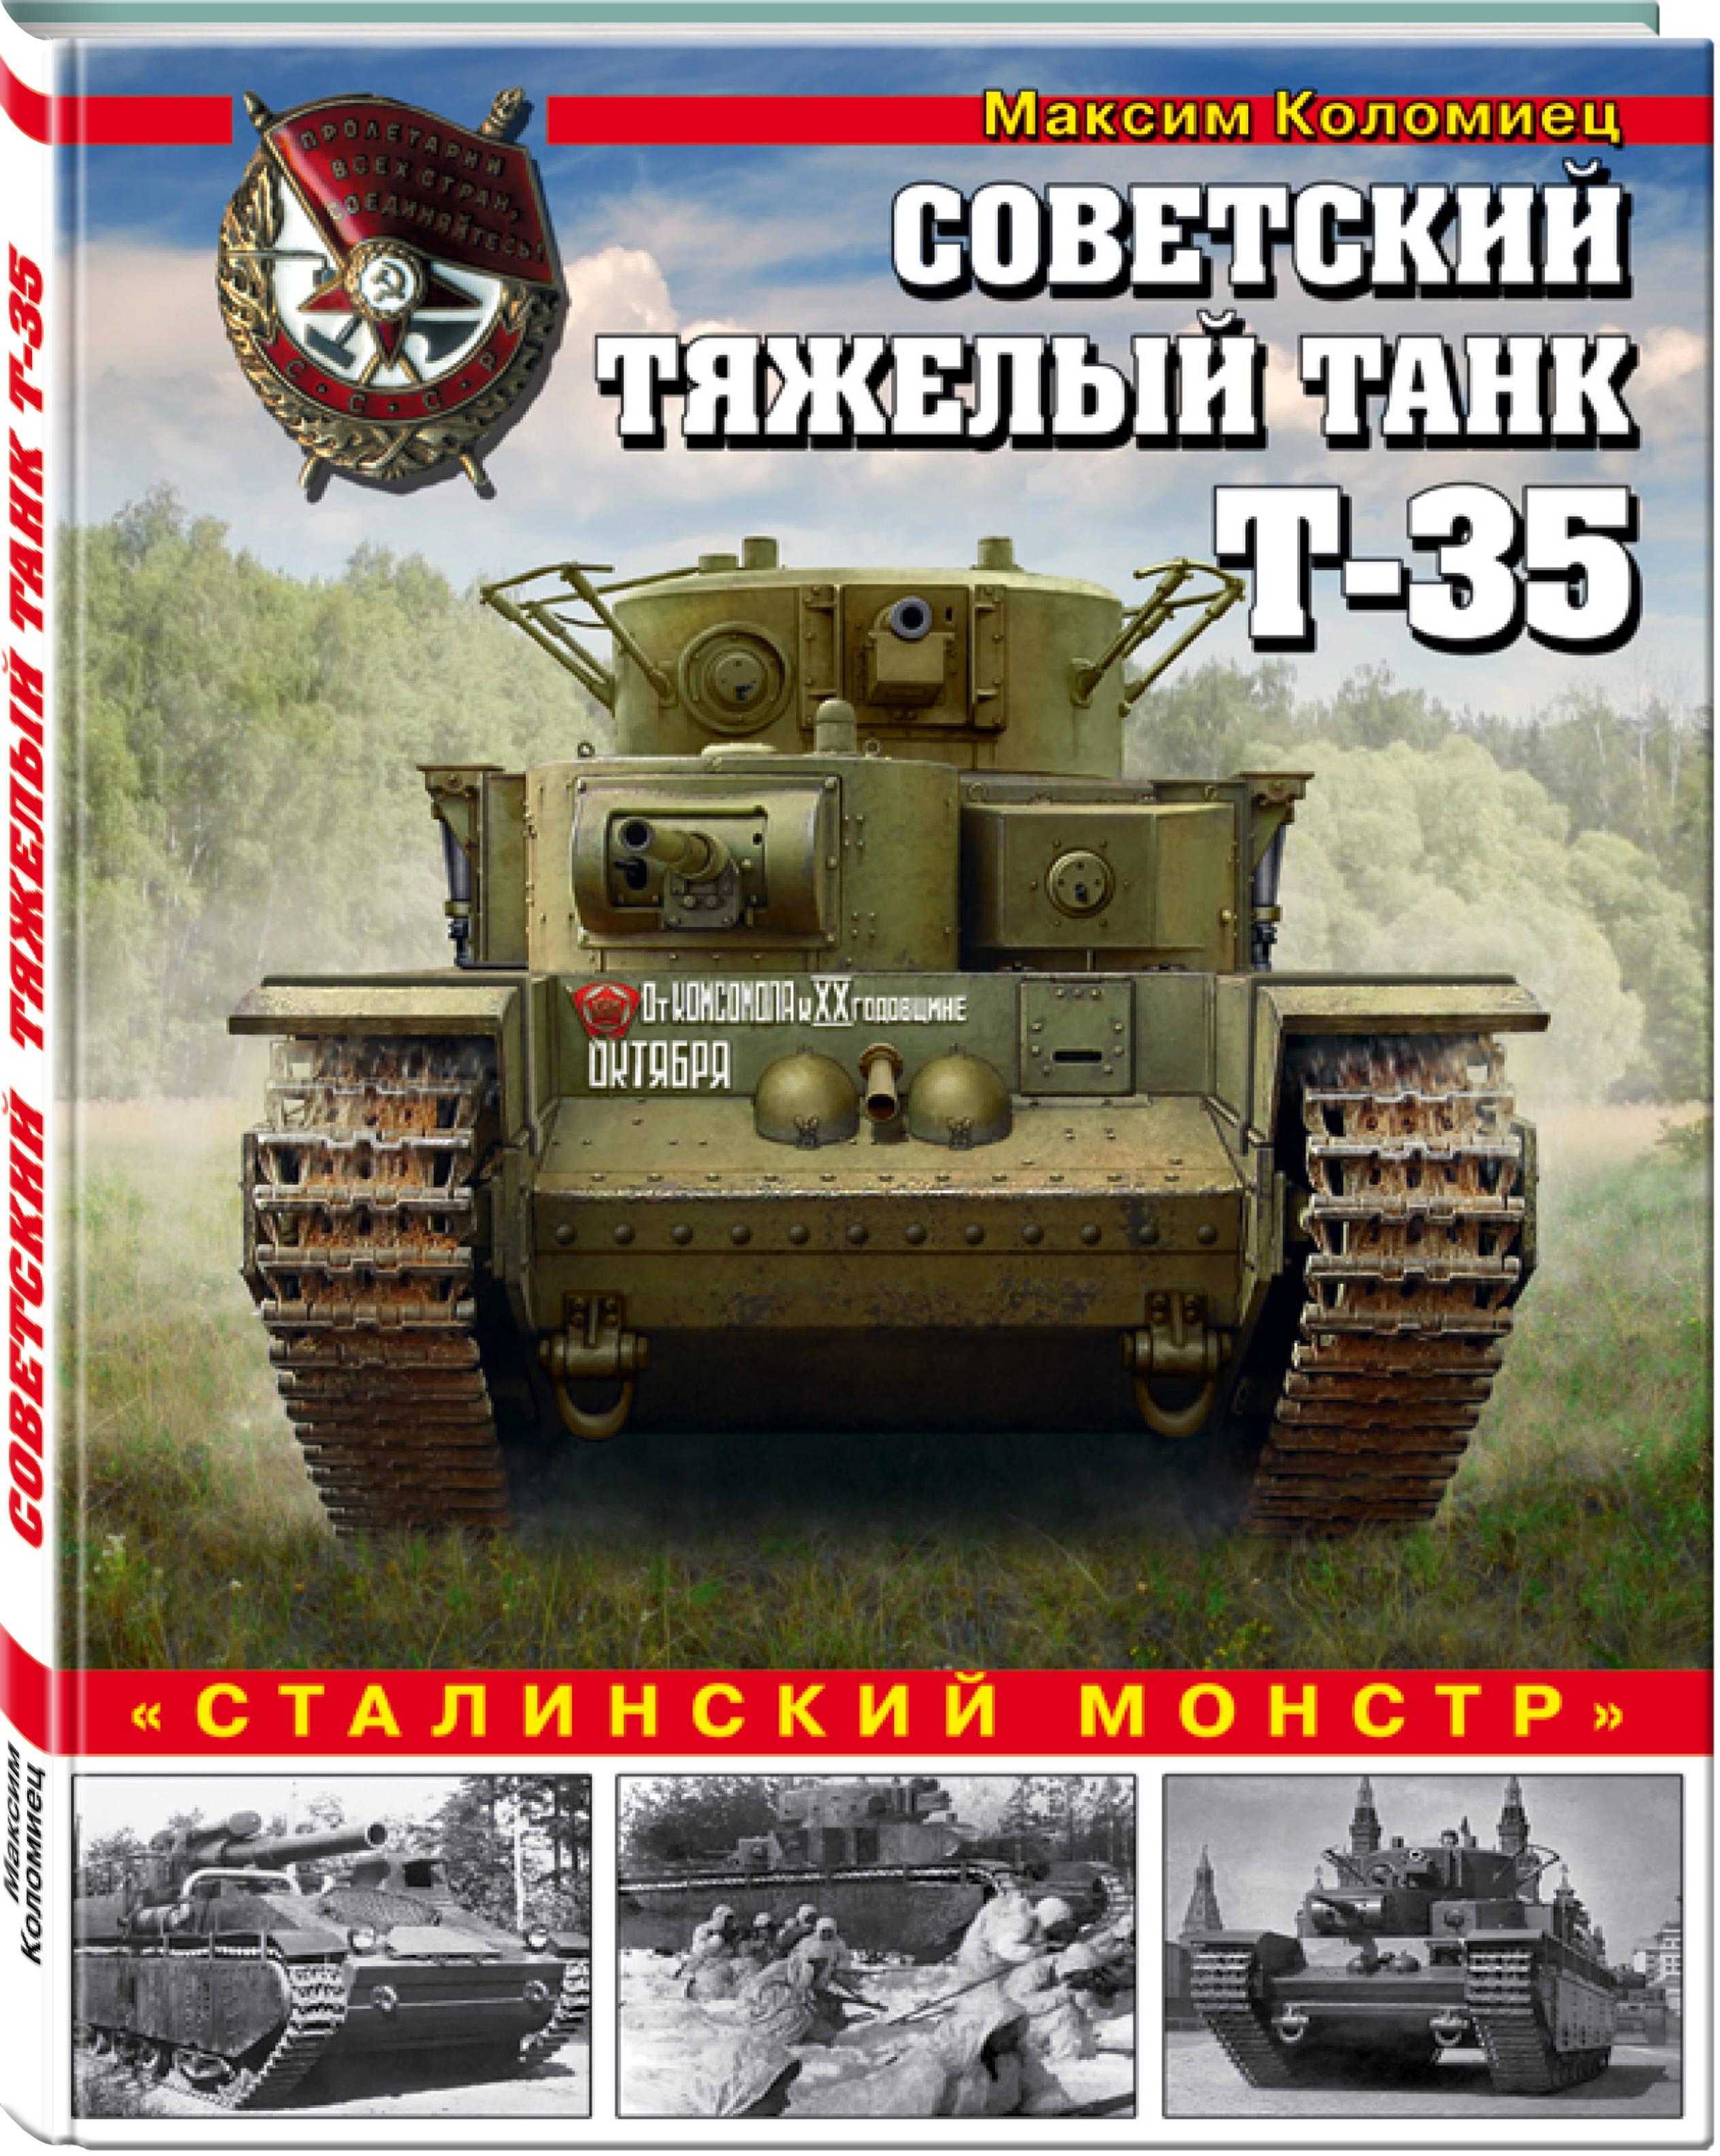 Максим Коломиец Советский тяжелый танк Т-35. Сталинский монстр